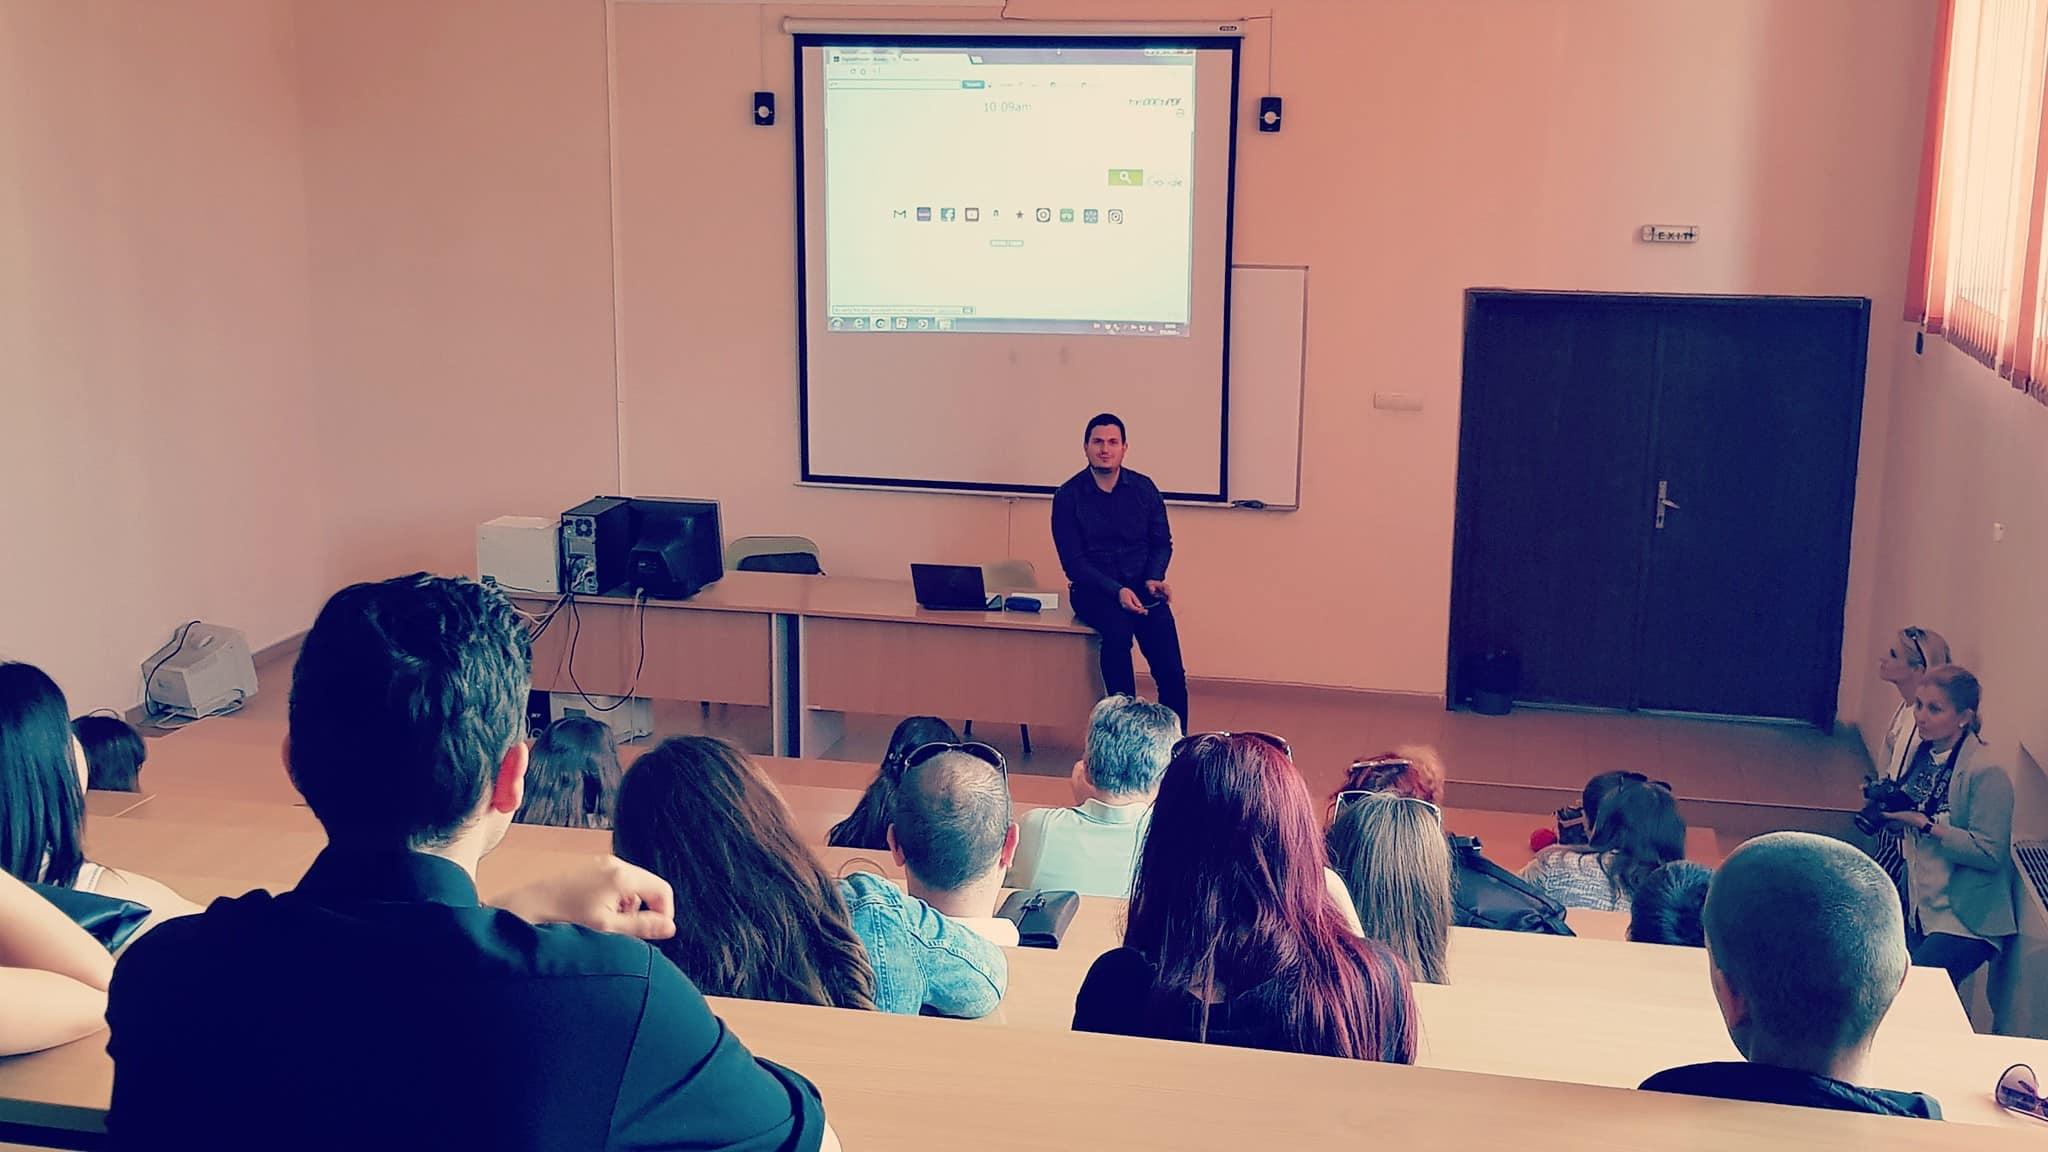 лекция по дигитален маркетинг и SEO